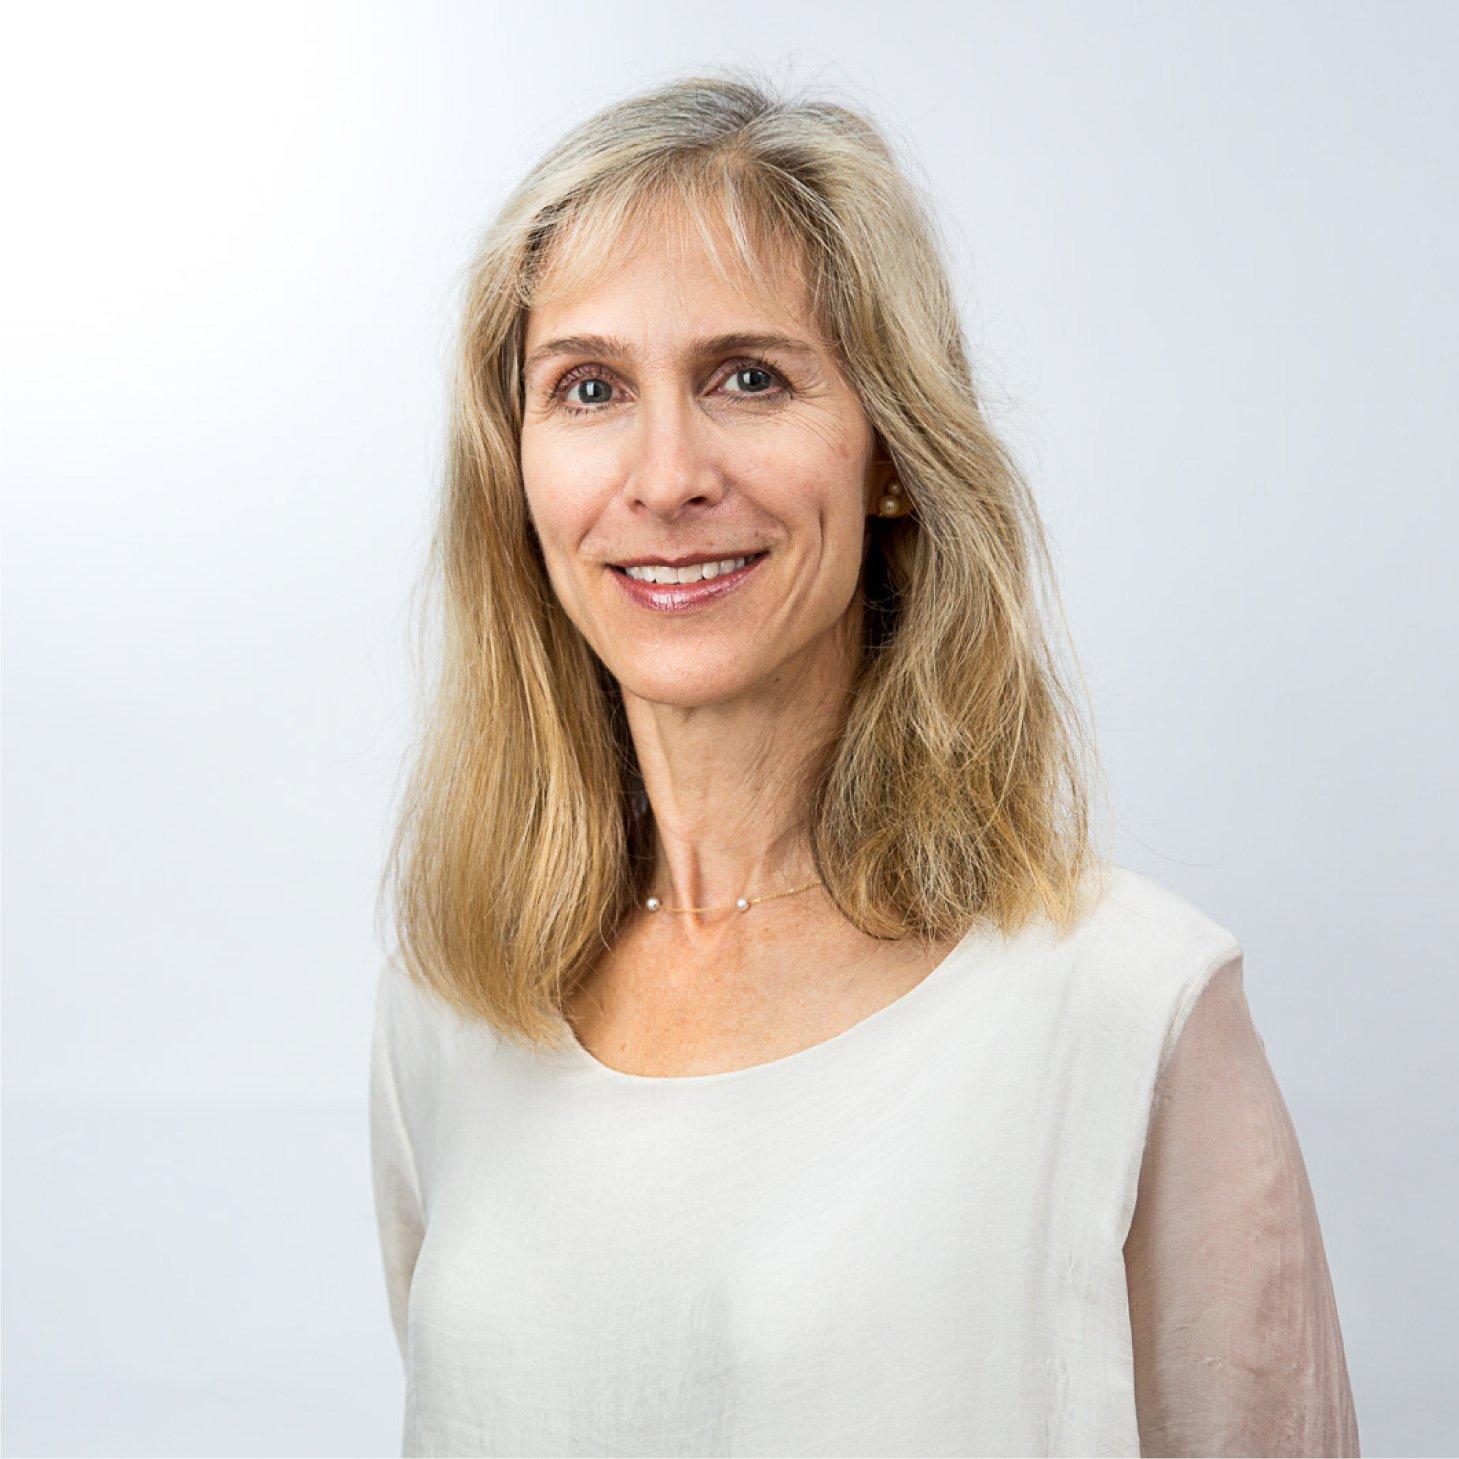 Catherine Batcheller